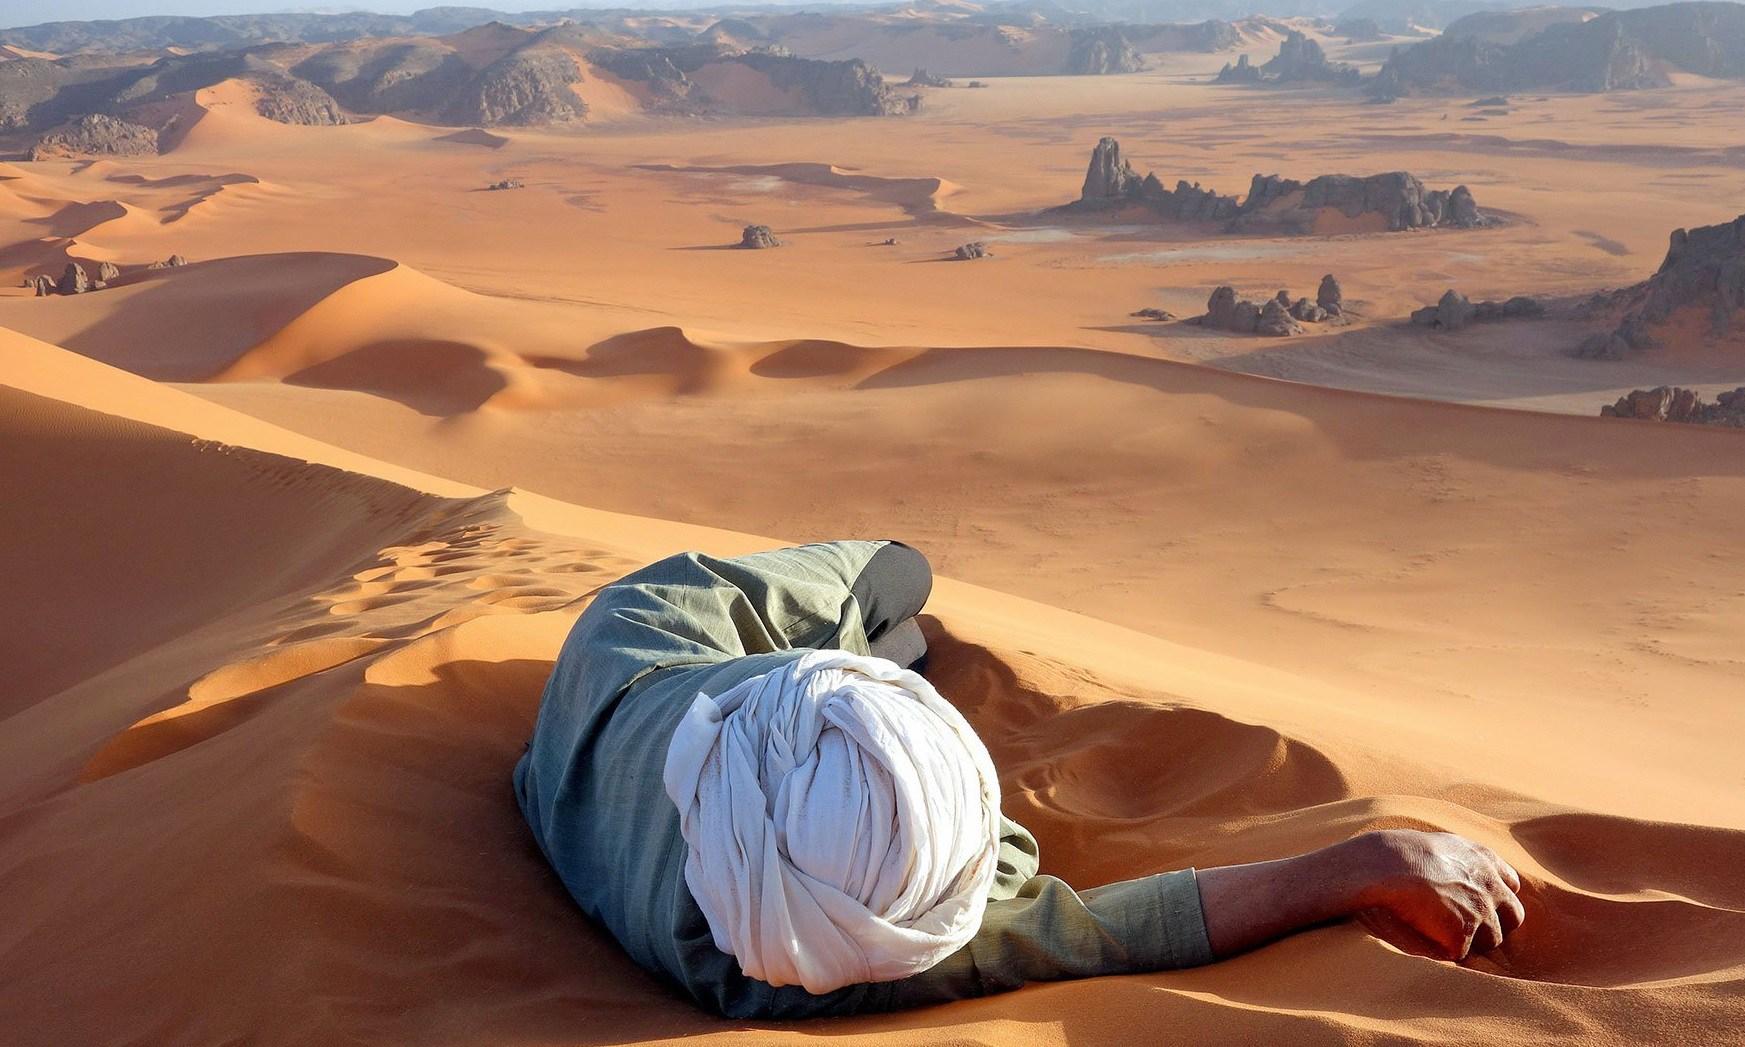 UN Urges Algeria to Stop Expelling Sub-Saharans